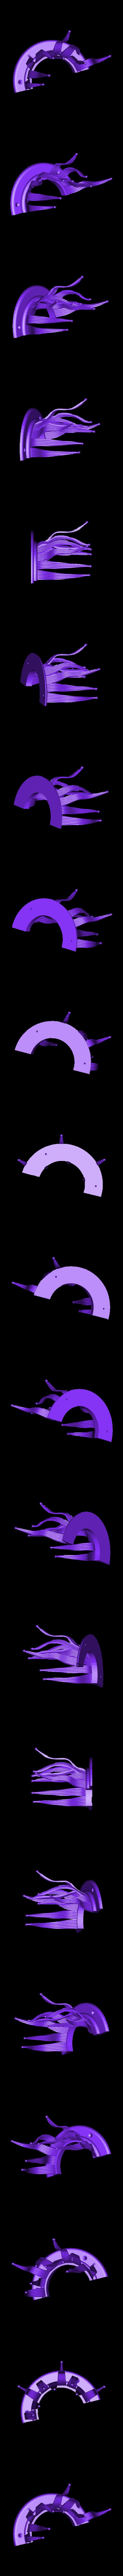 Base_leaves_half_A.stl Download free STL file Chandelier Iris • 3D printer design, Opossums